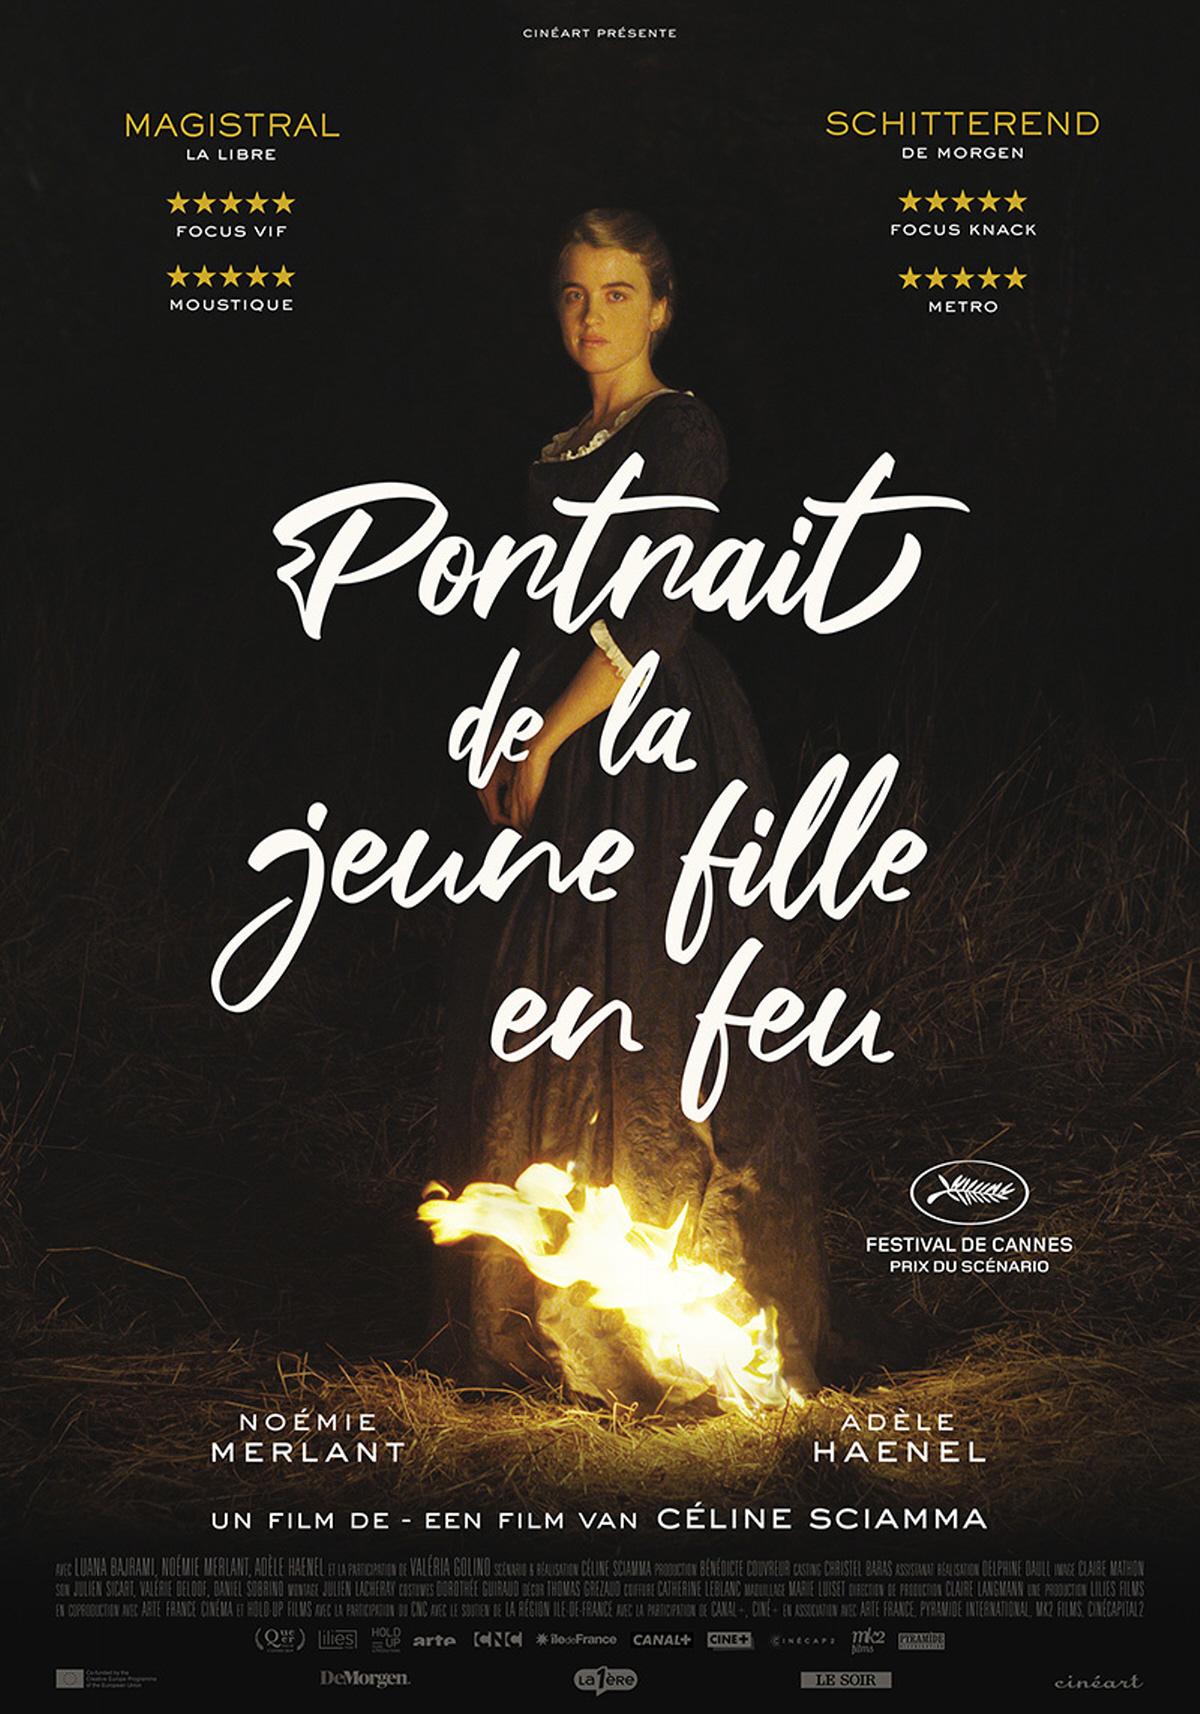 Portrait de la jeune fille en feu, de Céline Sciamma